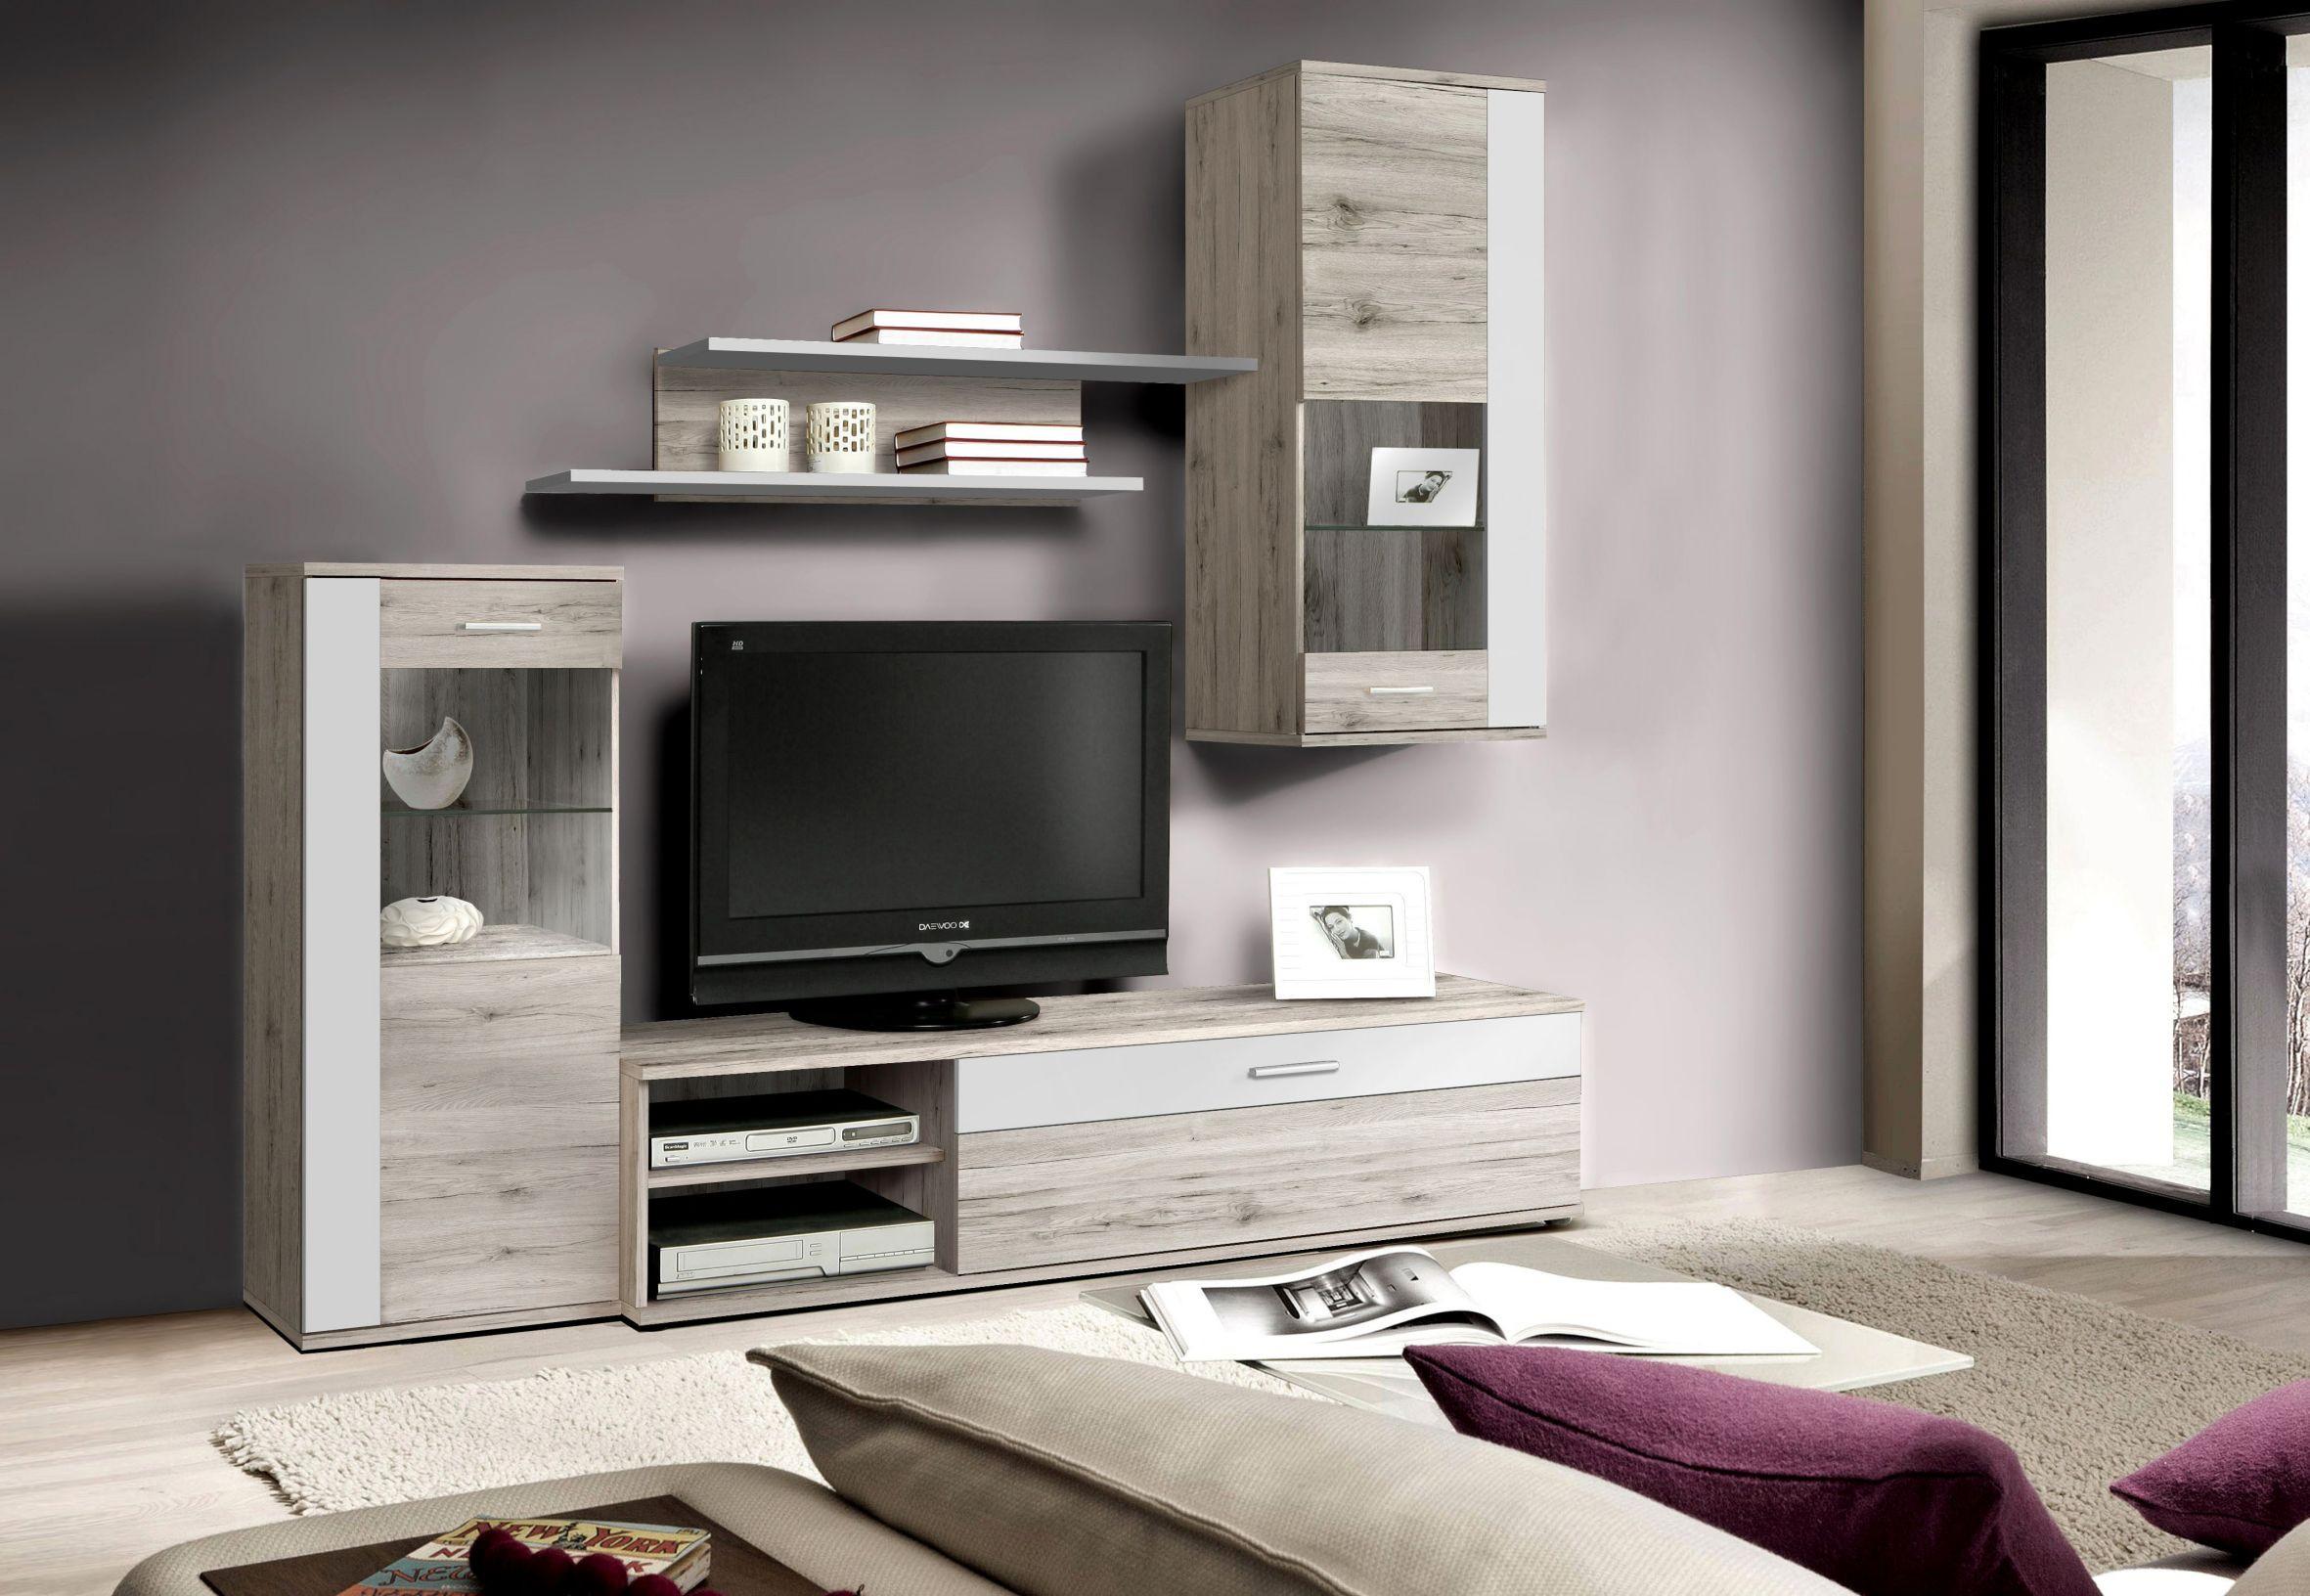 wohnwand sandeiche weiss woody 77 00518 holz modern wohnw nde zum bestpreis kaufen. Black Bedroom Furniture Sets. Home Design Ideas